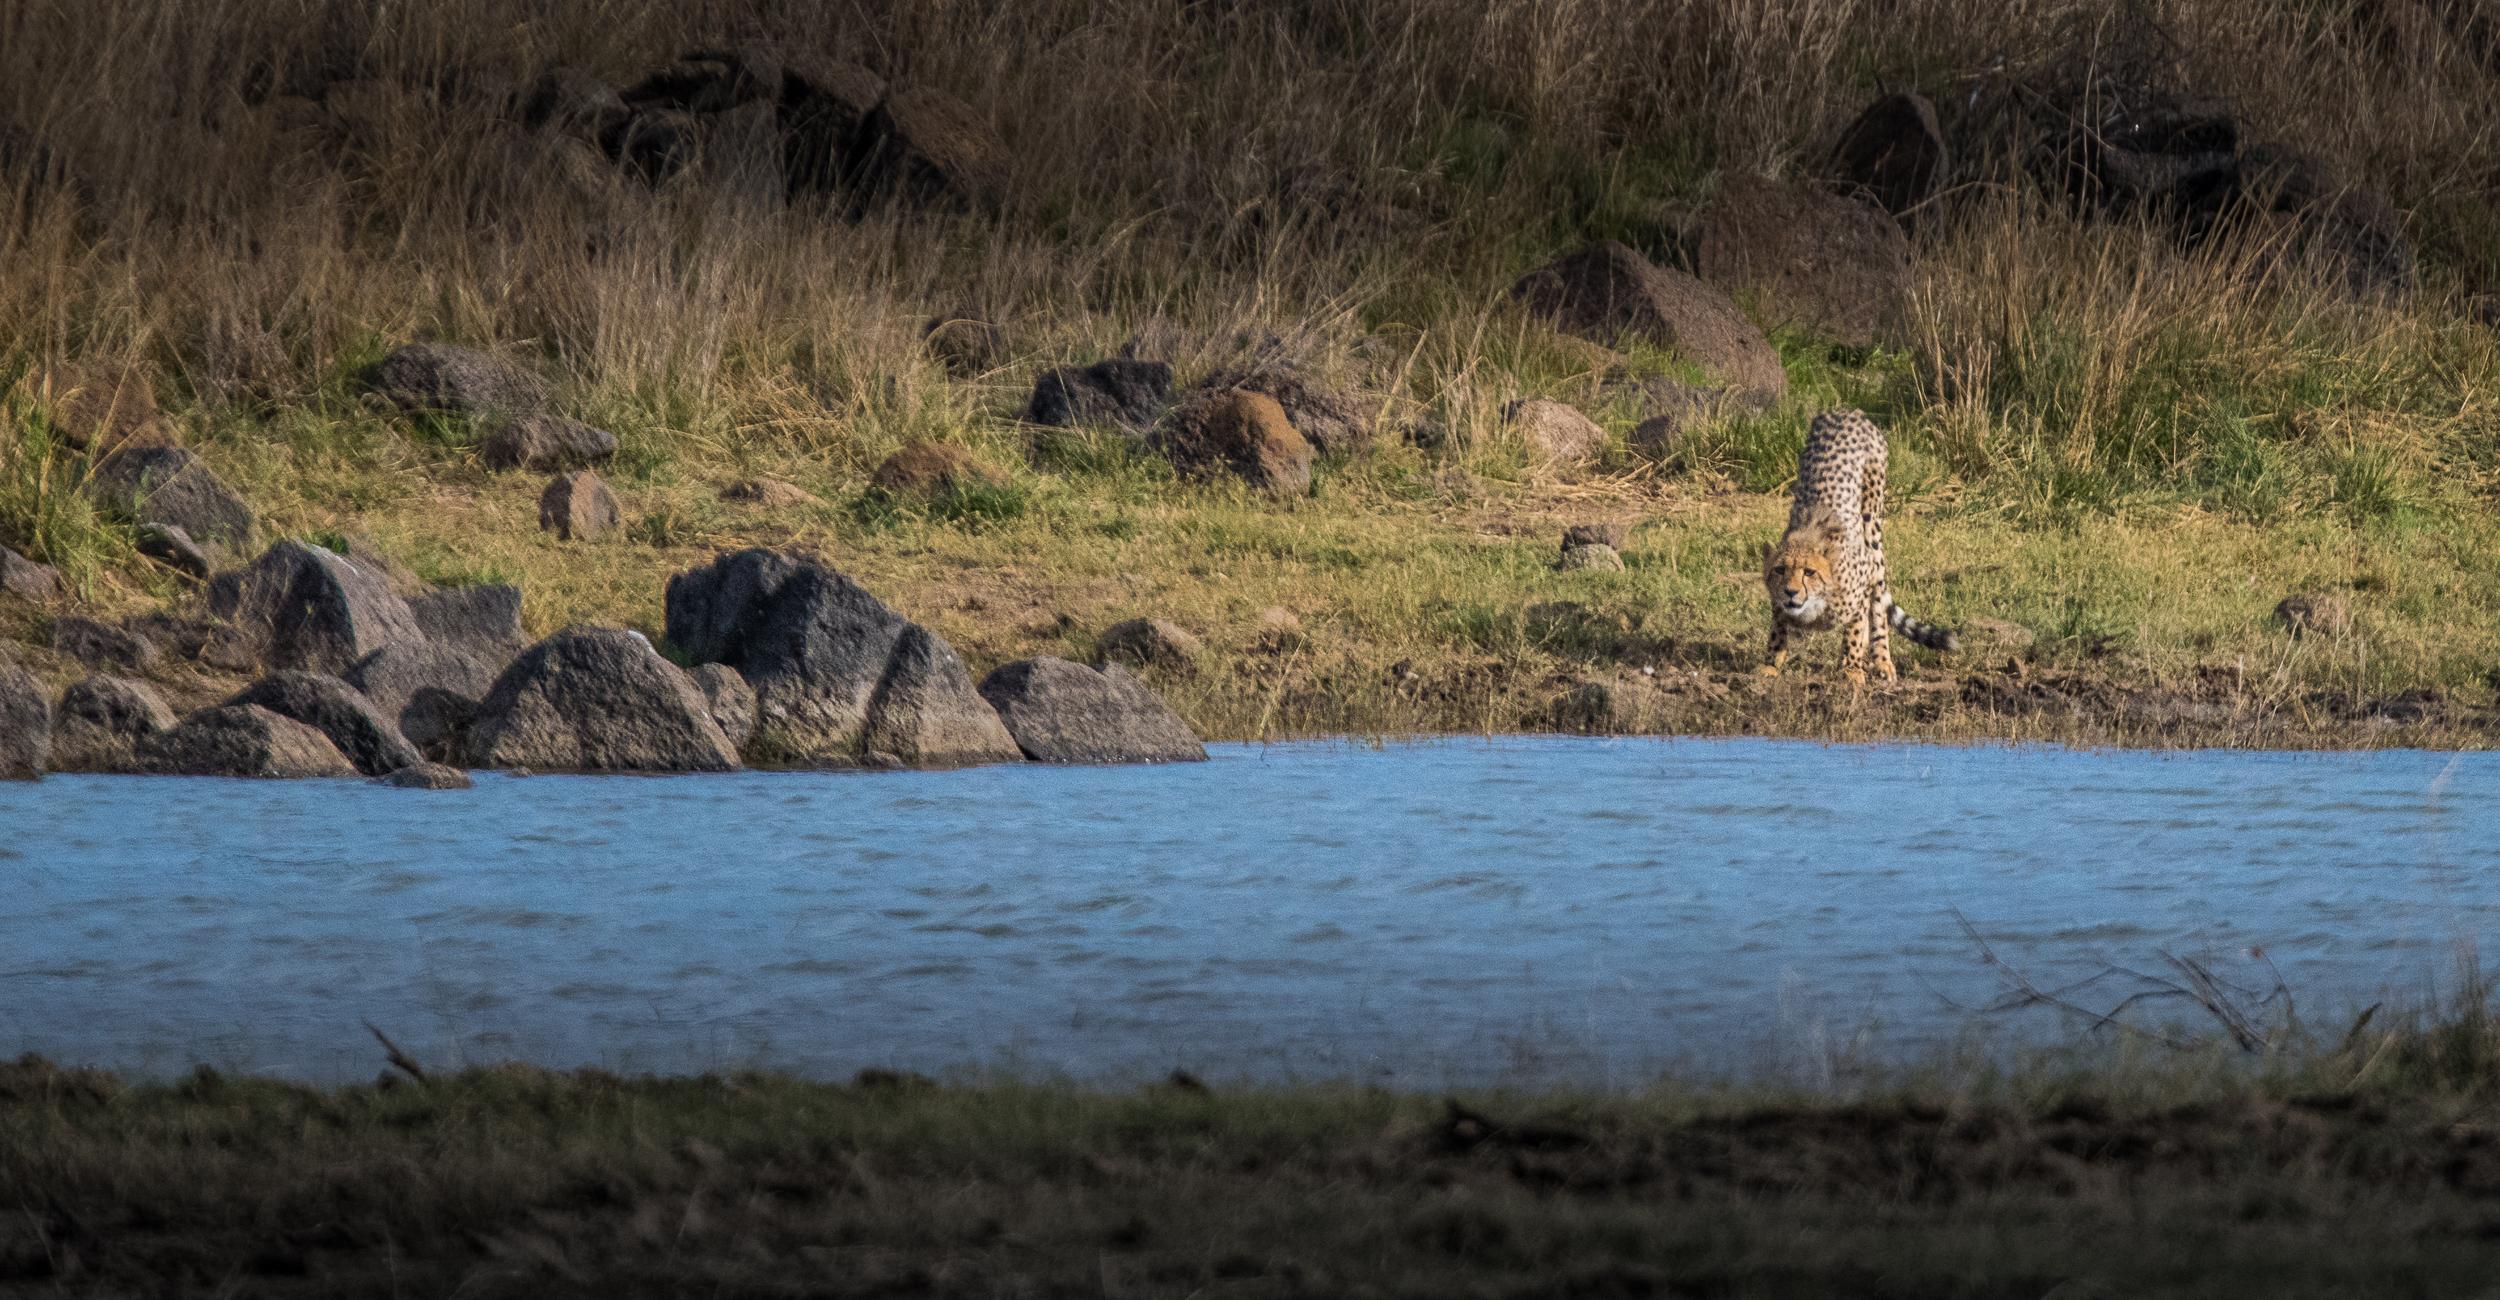 Cheetah-high-3.jpg